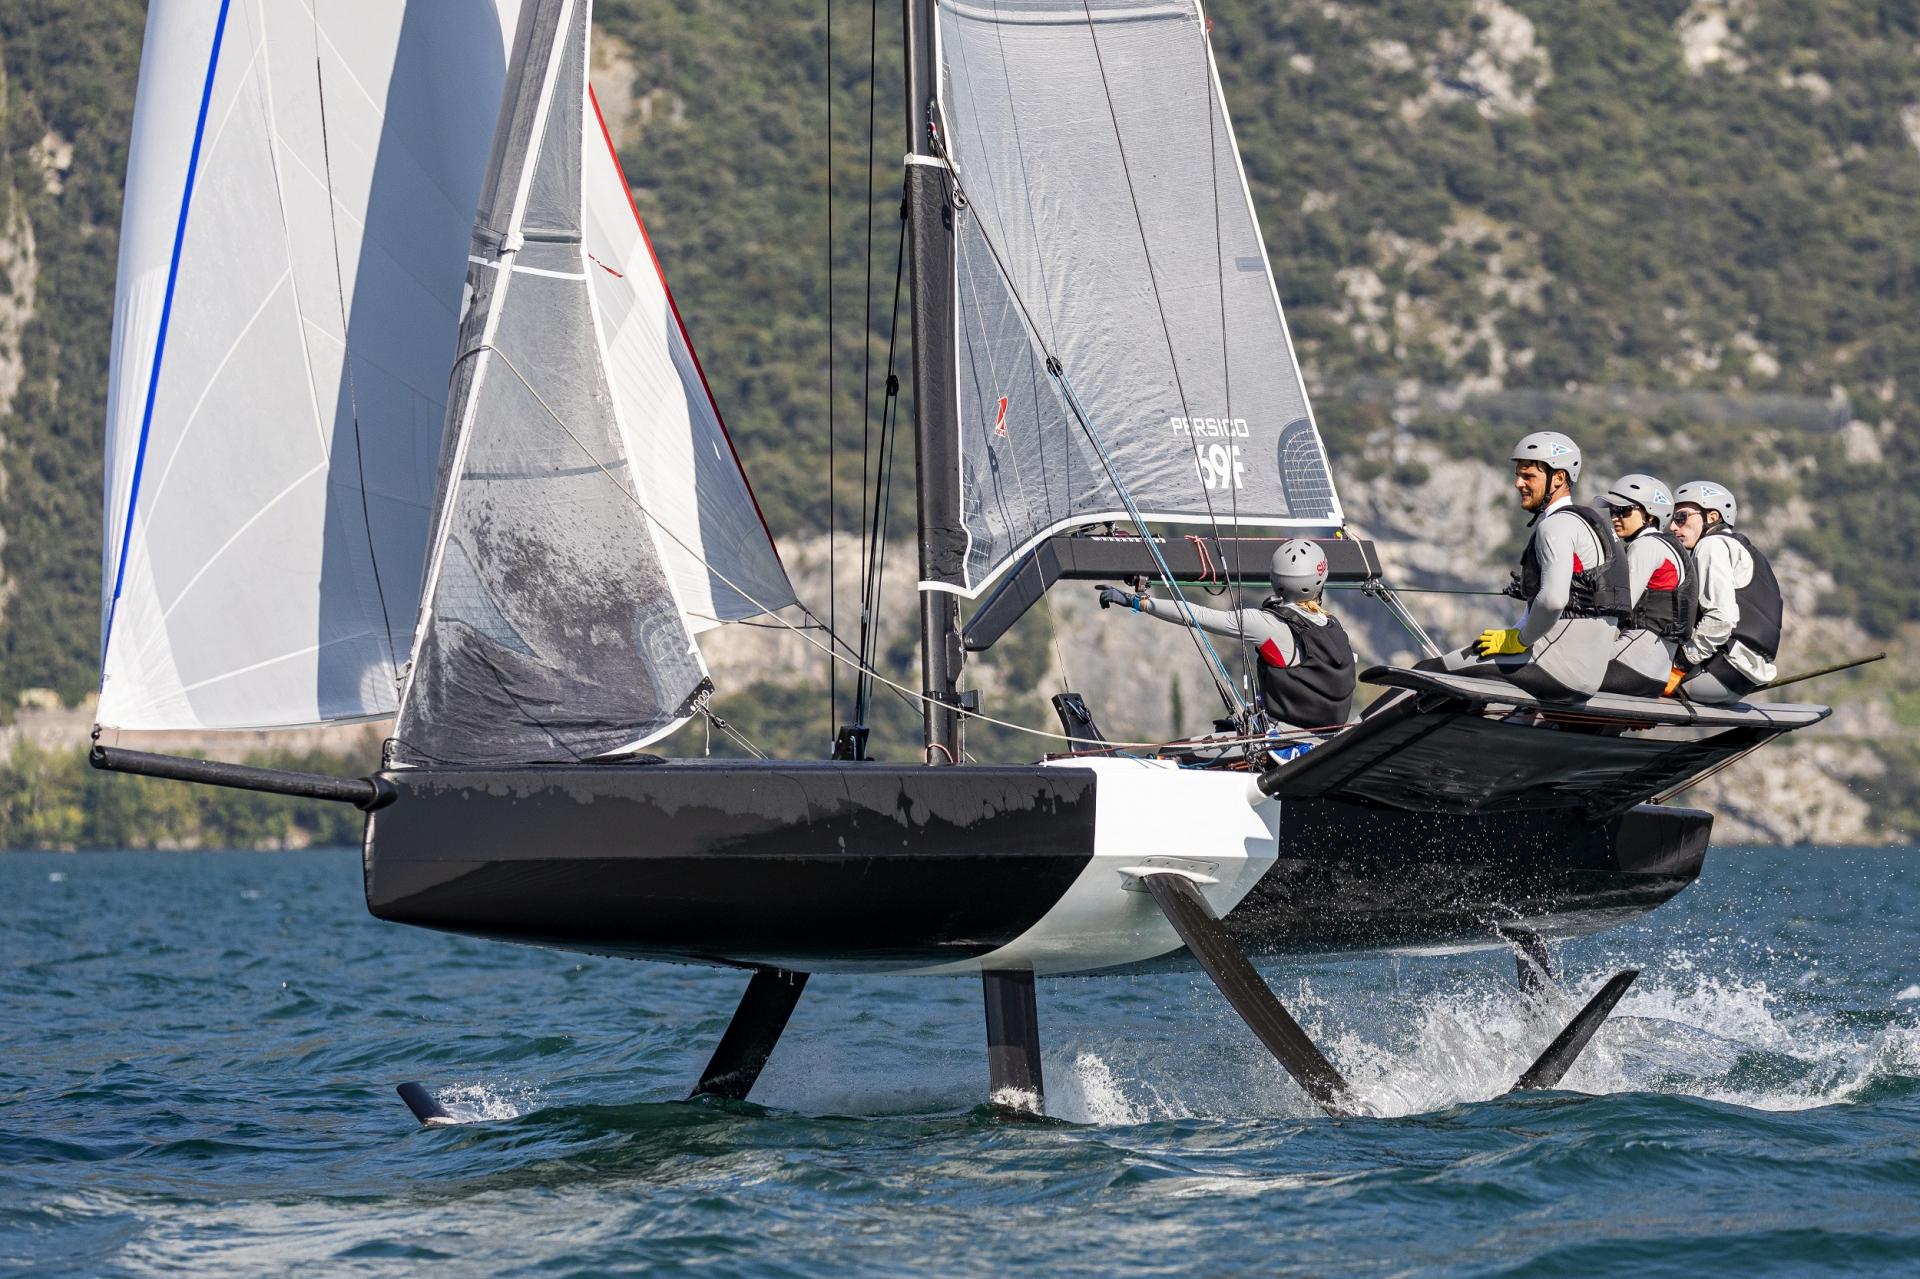 Cancellata la Youth America's Cup, Young Azzurra prosegue con il programma  - NEWS - Yacht Club Costa Smeralda